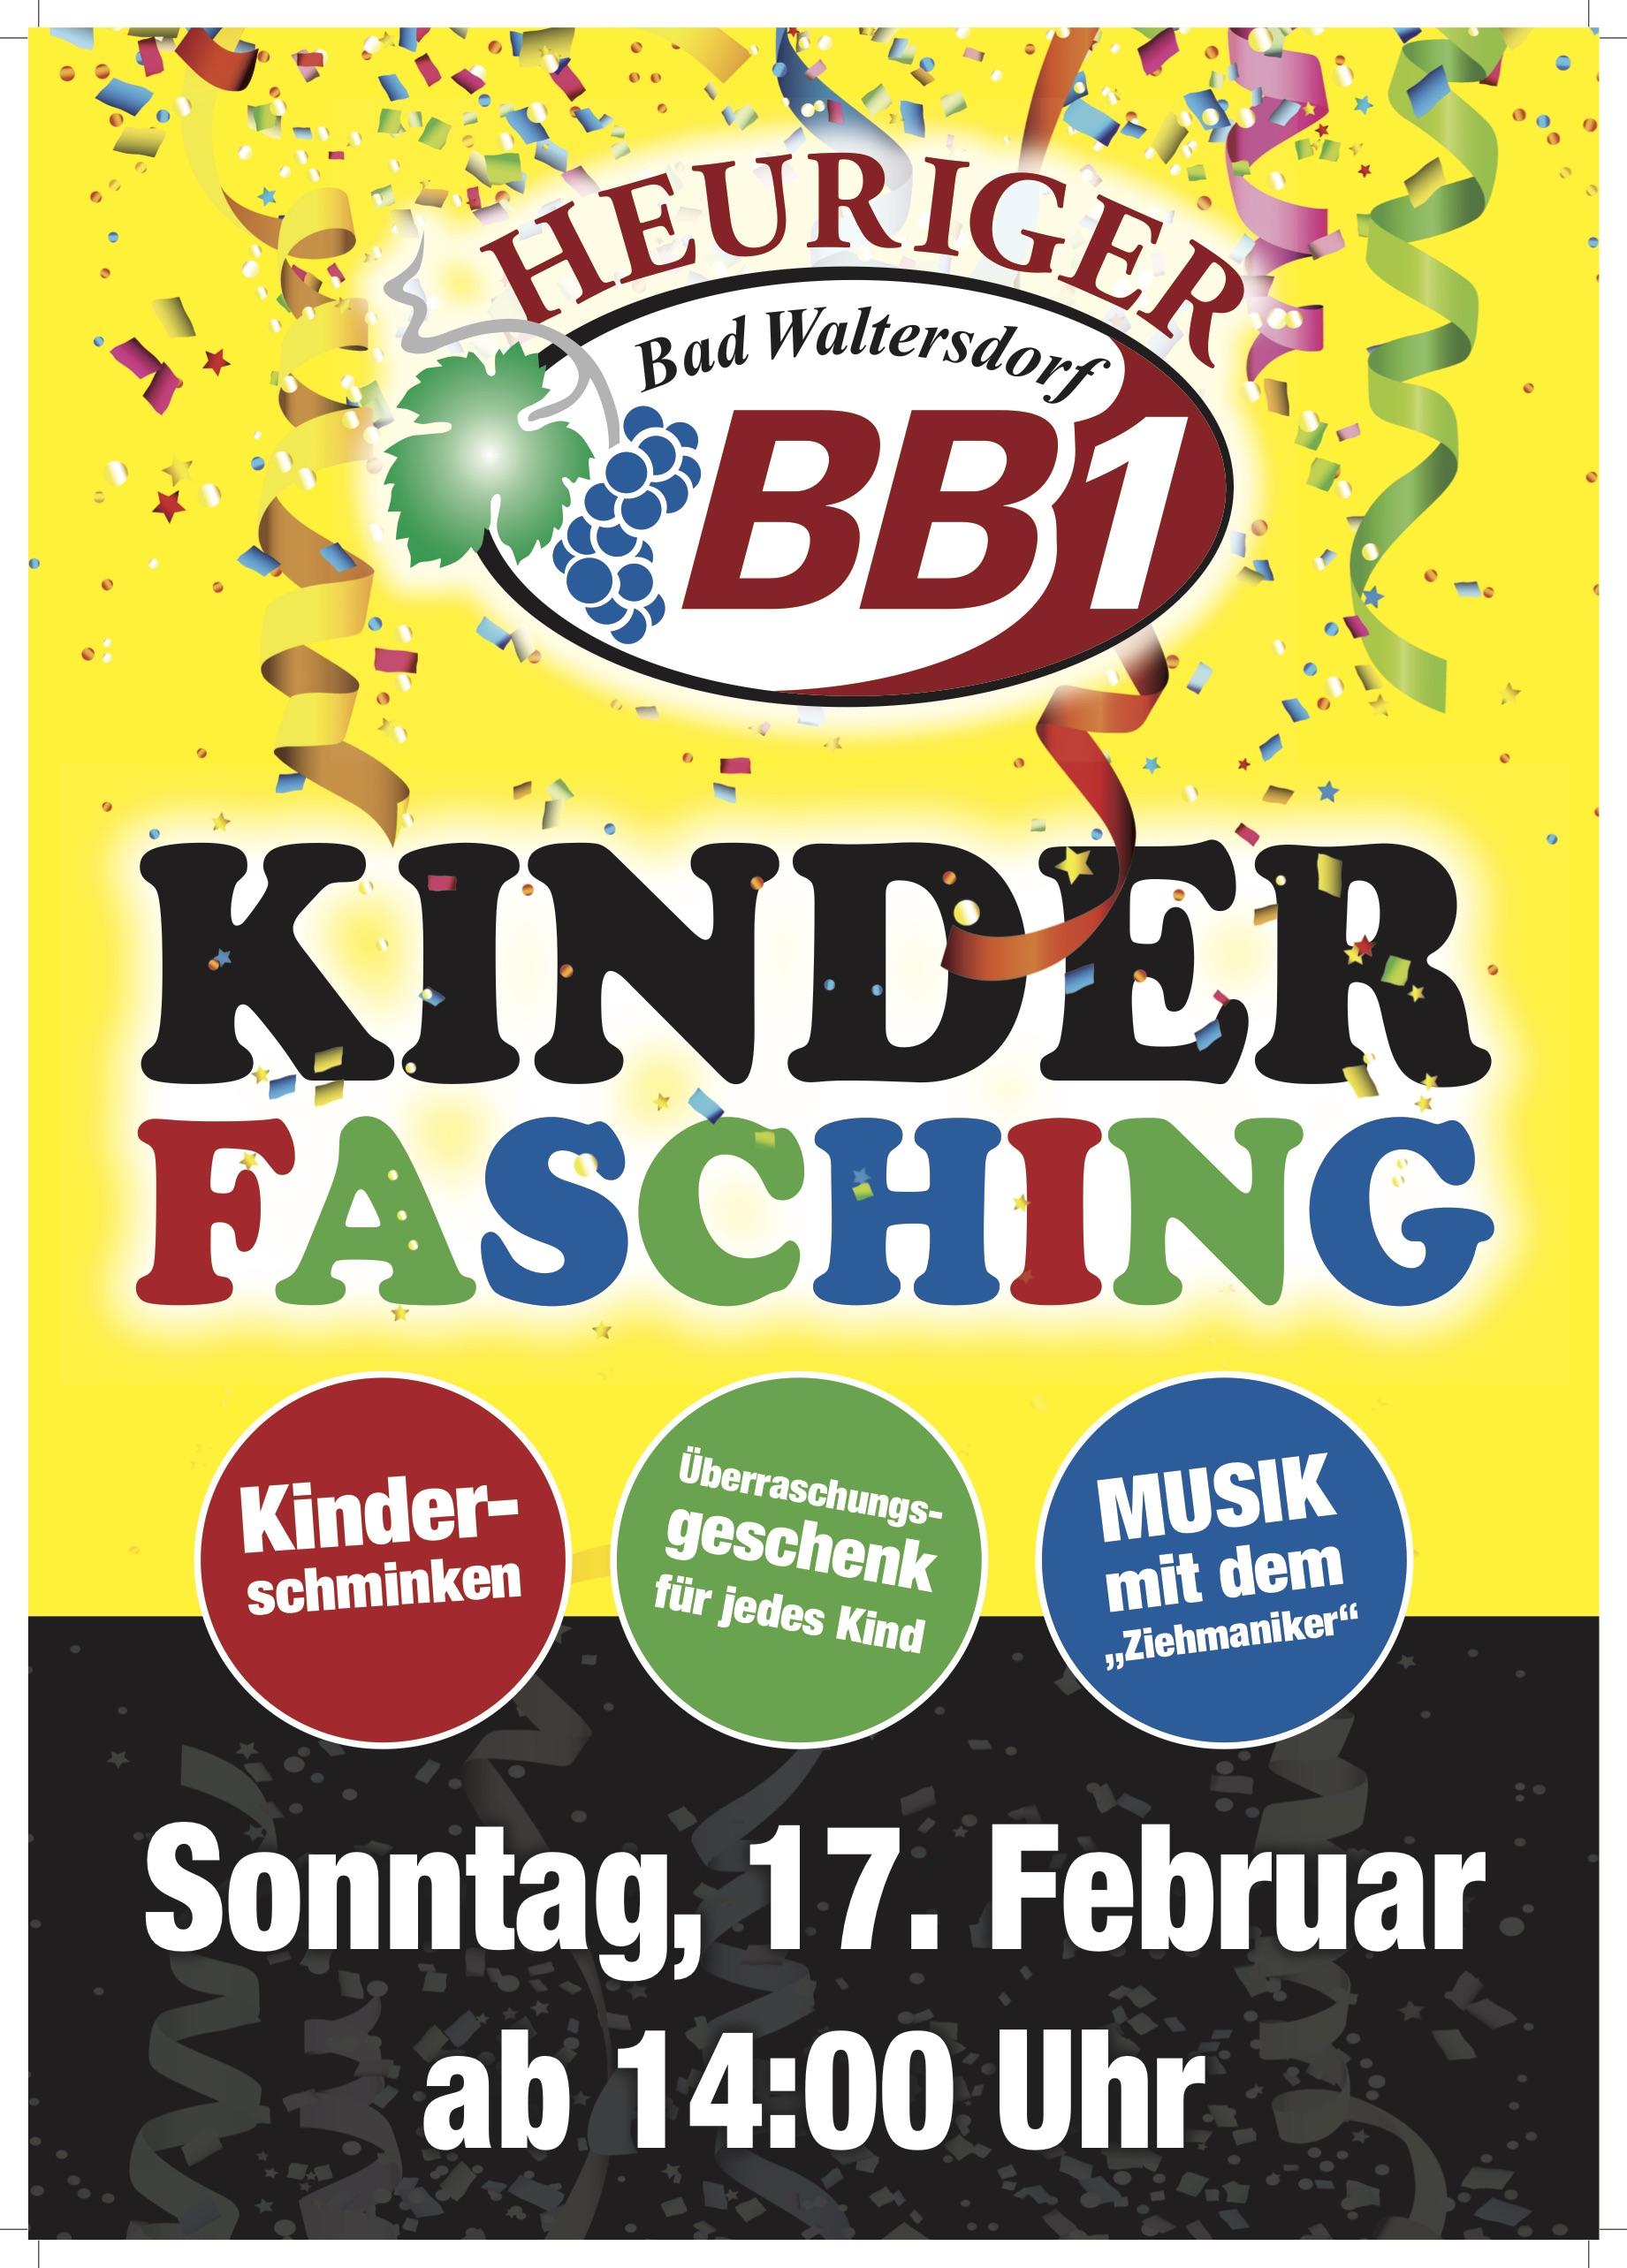 Fasching BB1 Plakat A3-A1 Logo RICHTIG